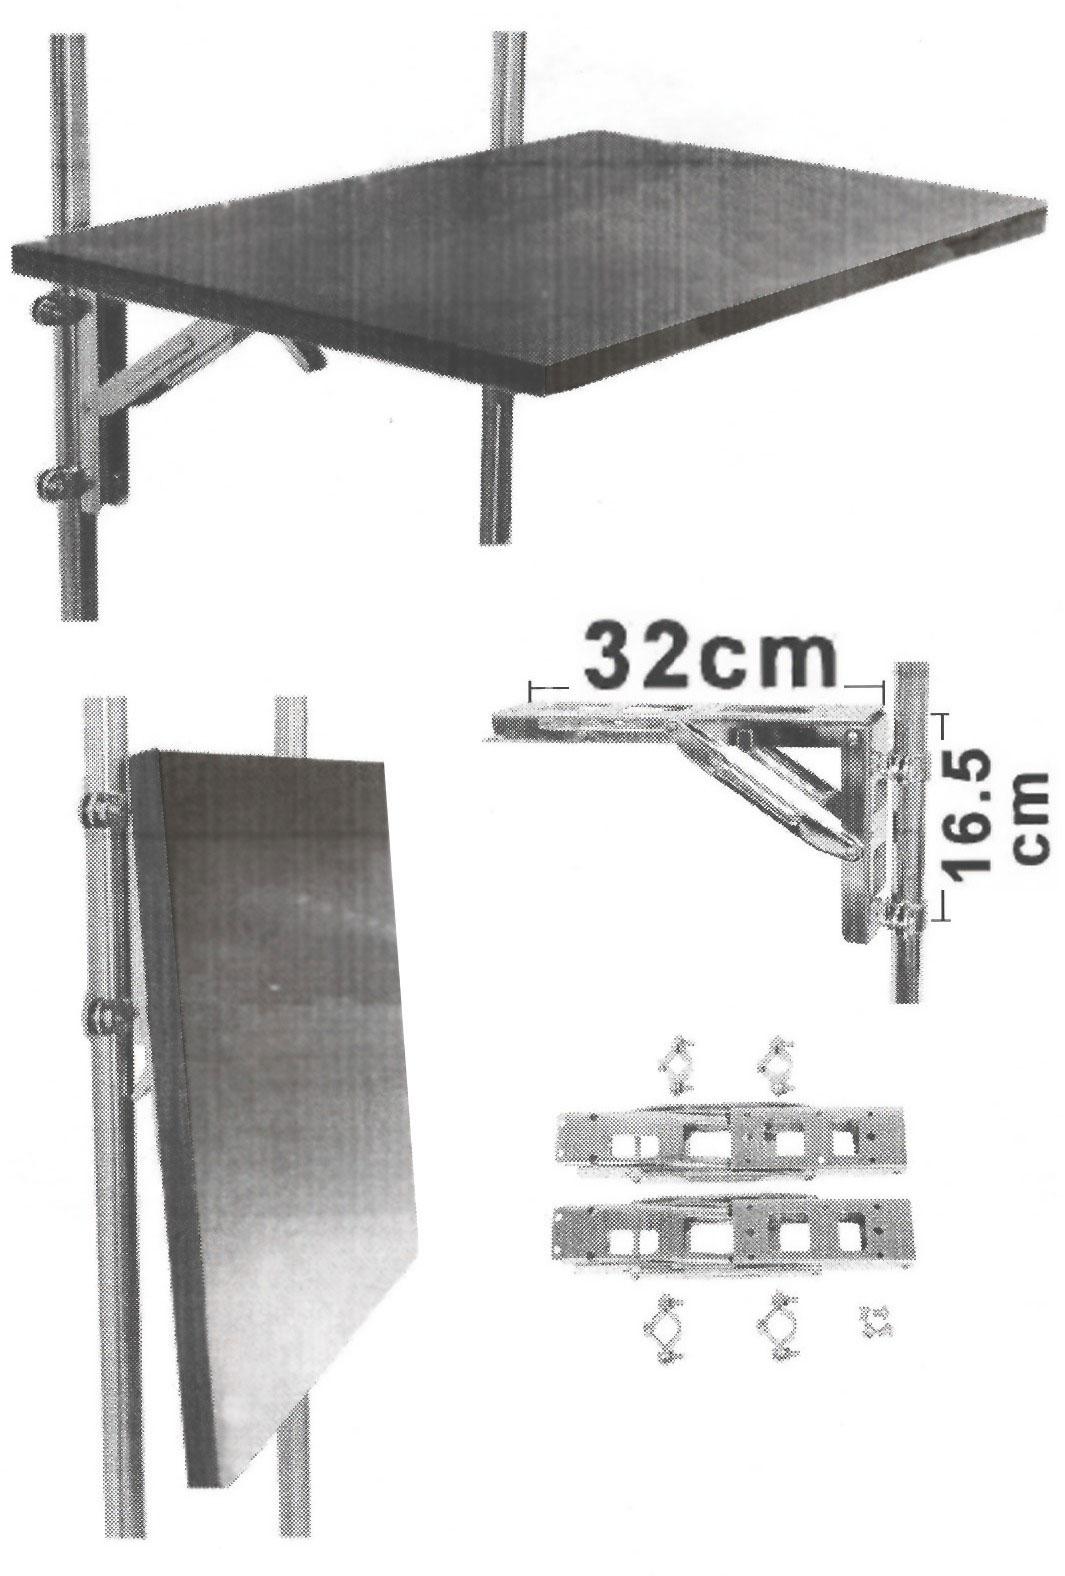 Soporte plegable acero inoxidable para asientos o mesas - Bisagras para mesas plegables ...